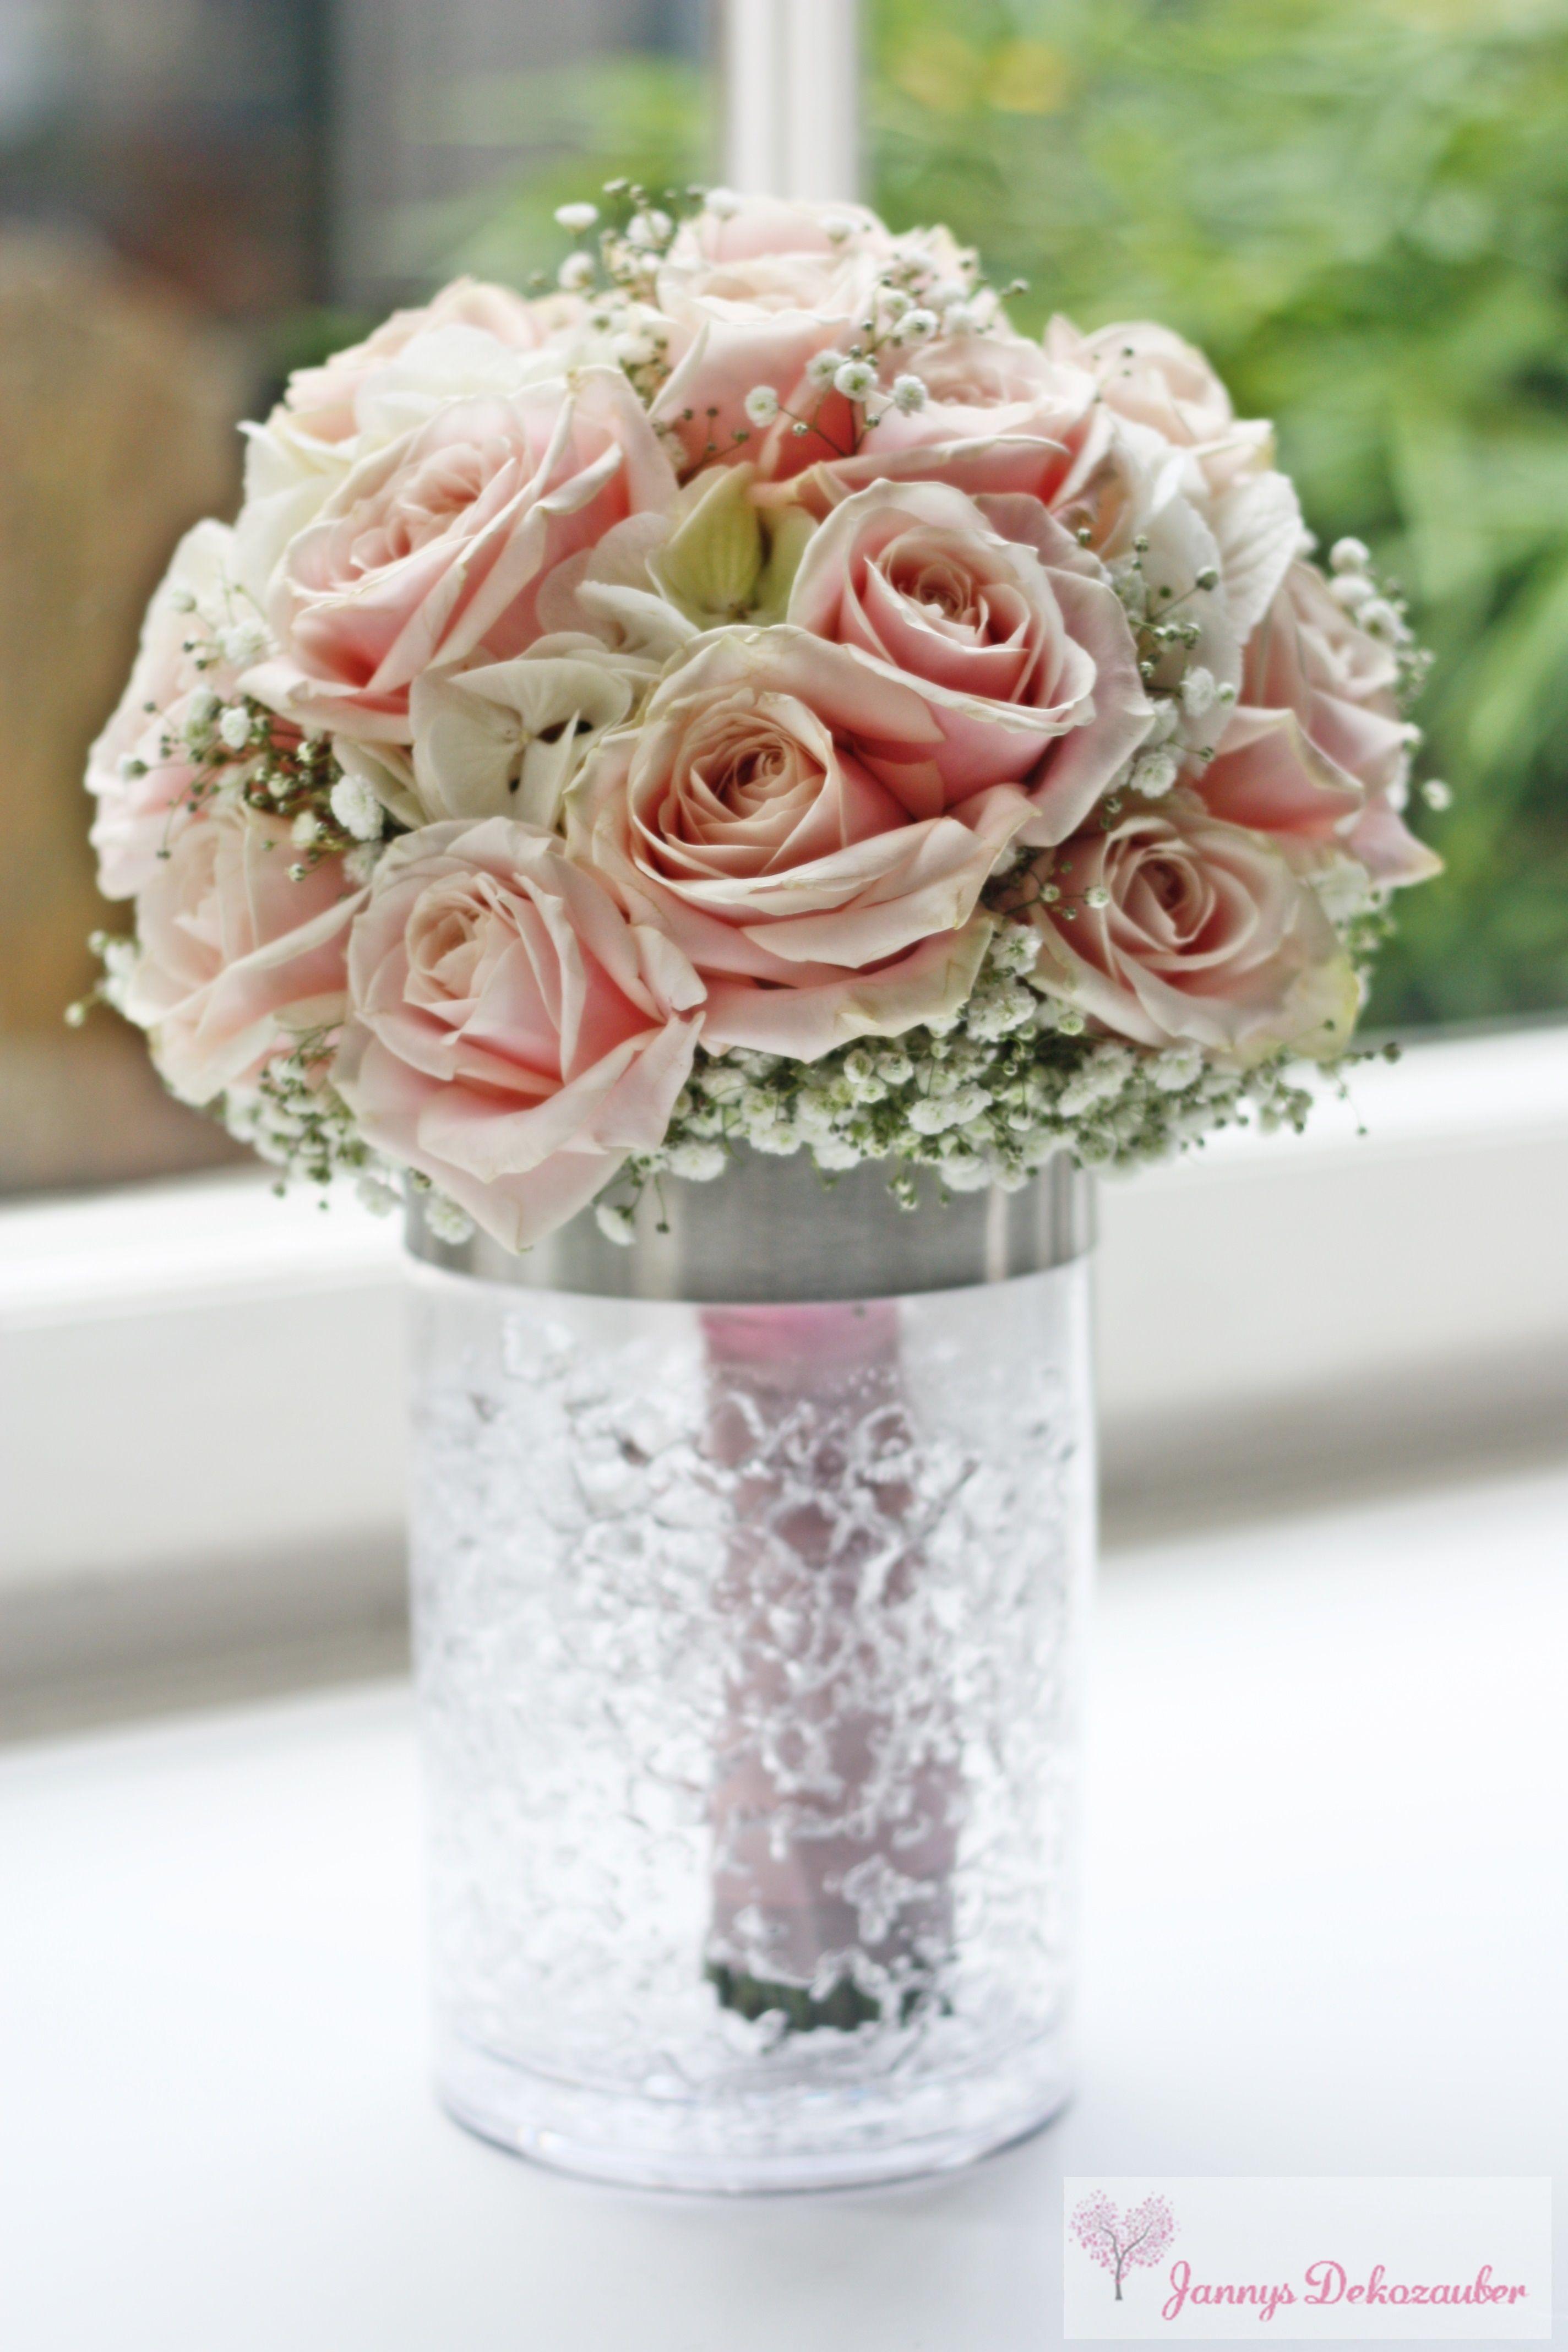 Hochzeit Tischdeko Rosa Kirchendeko Blumen Vase Altar Rosa Weiss